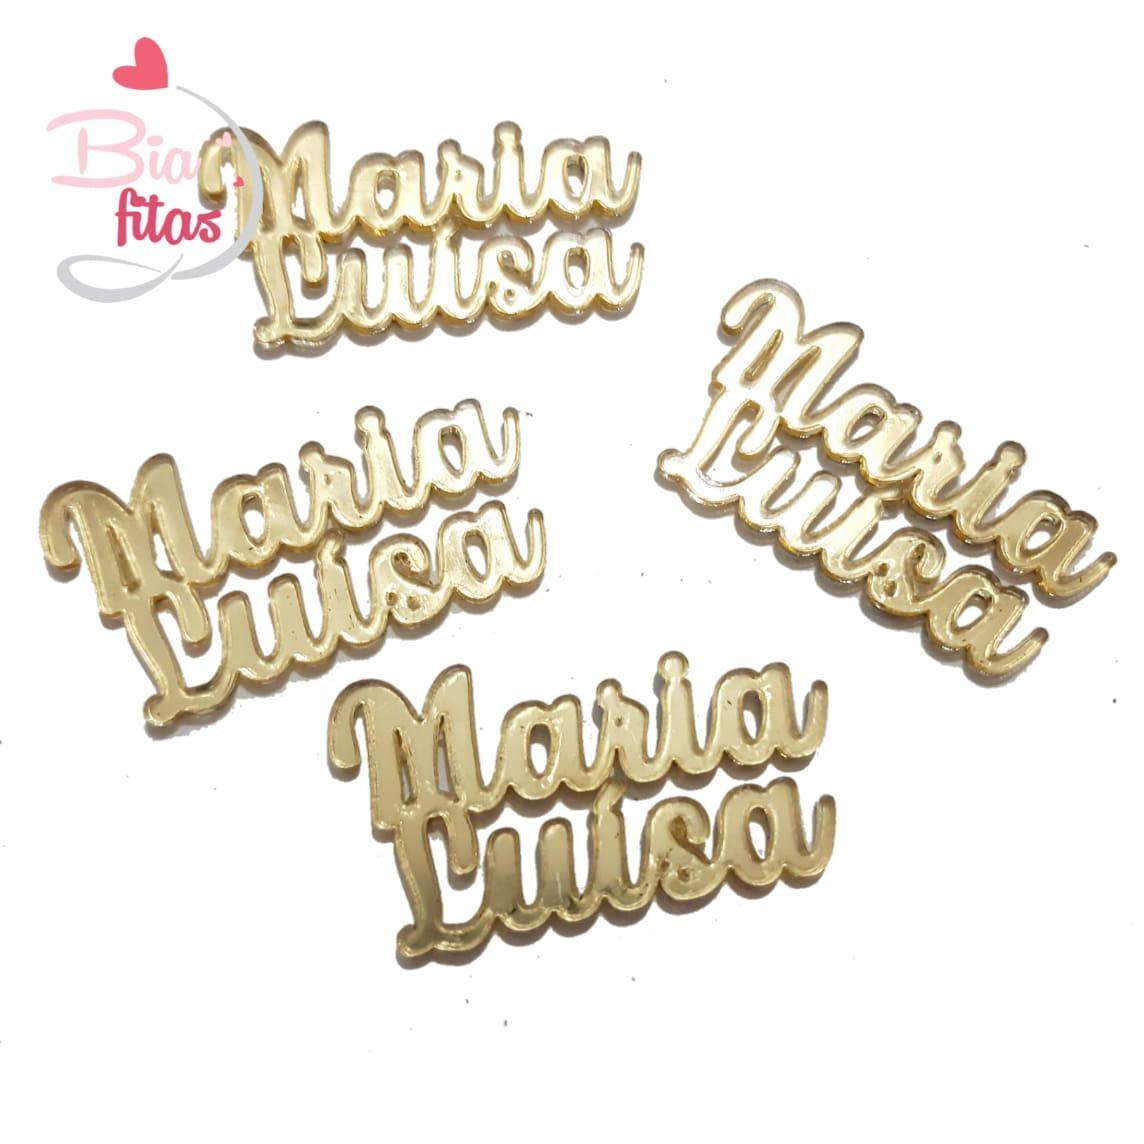 Nome Composto em Acrilico Dourado Espelhado - Maria Luisa